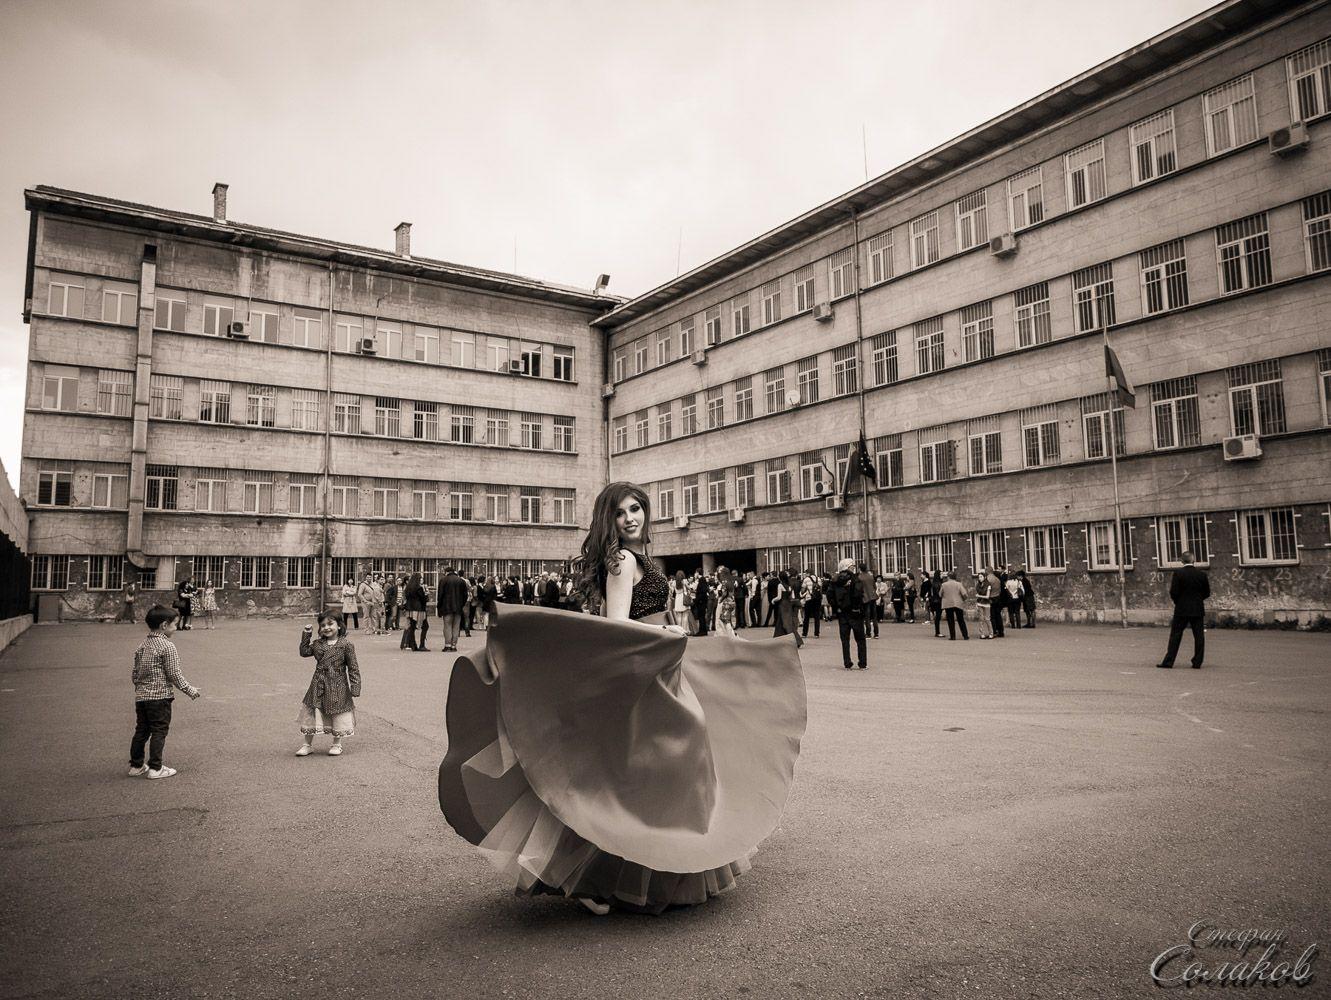 Abiturientski-bal-portretna-fotografia-sofia-465